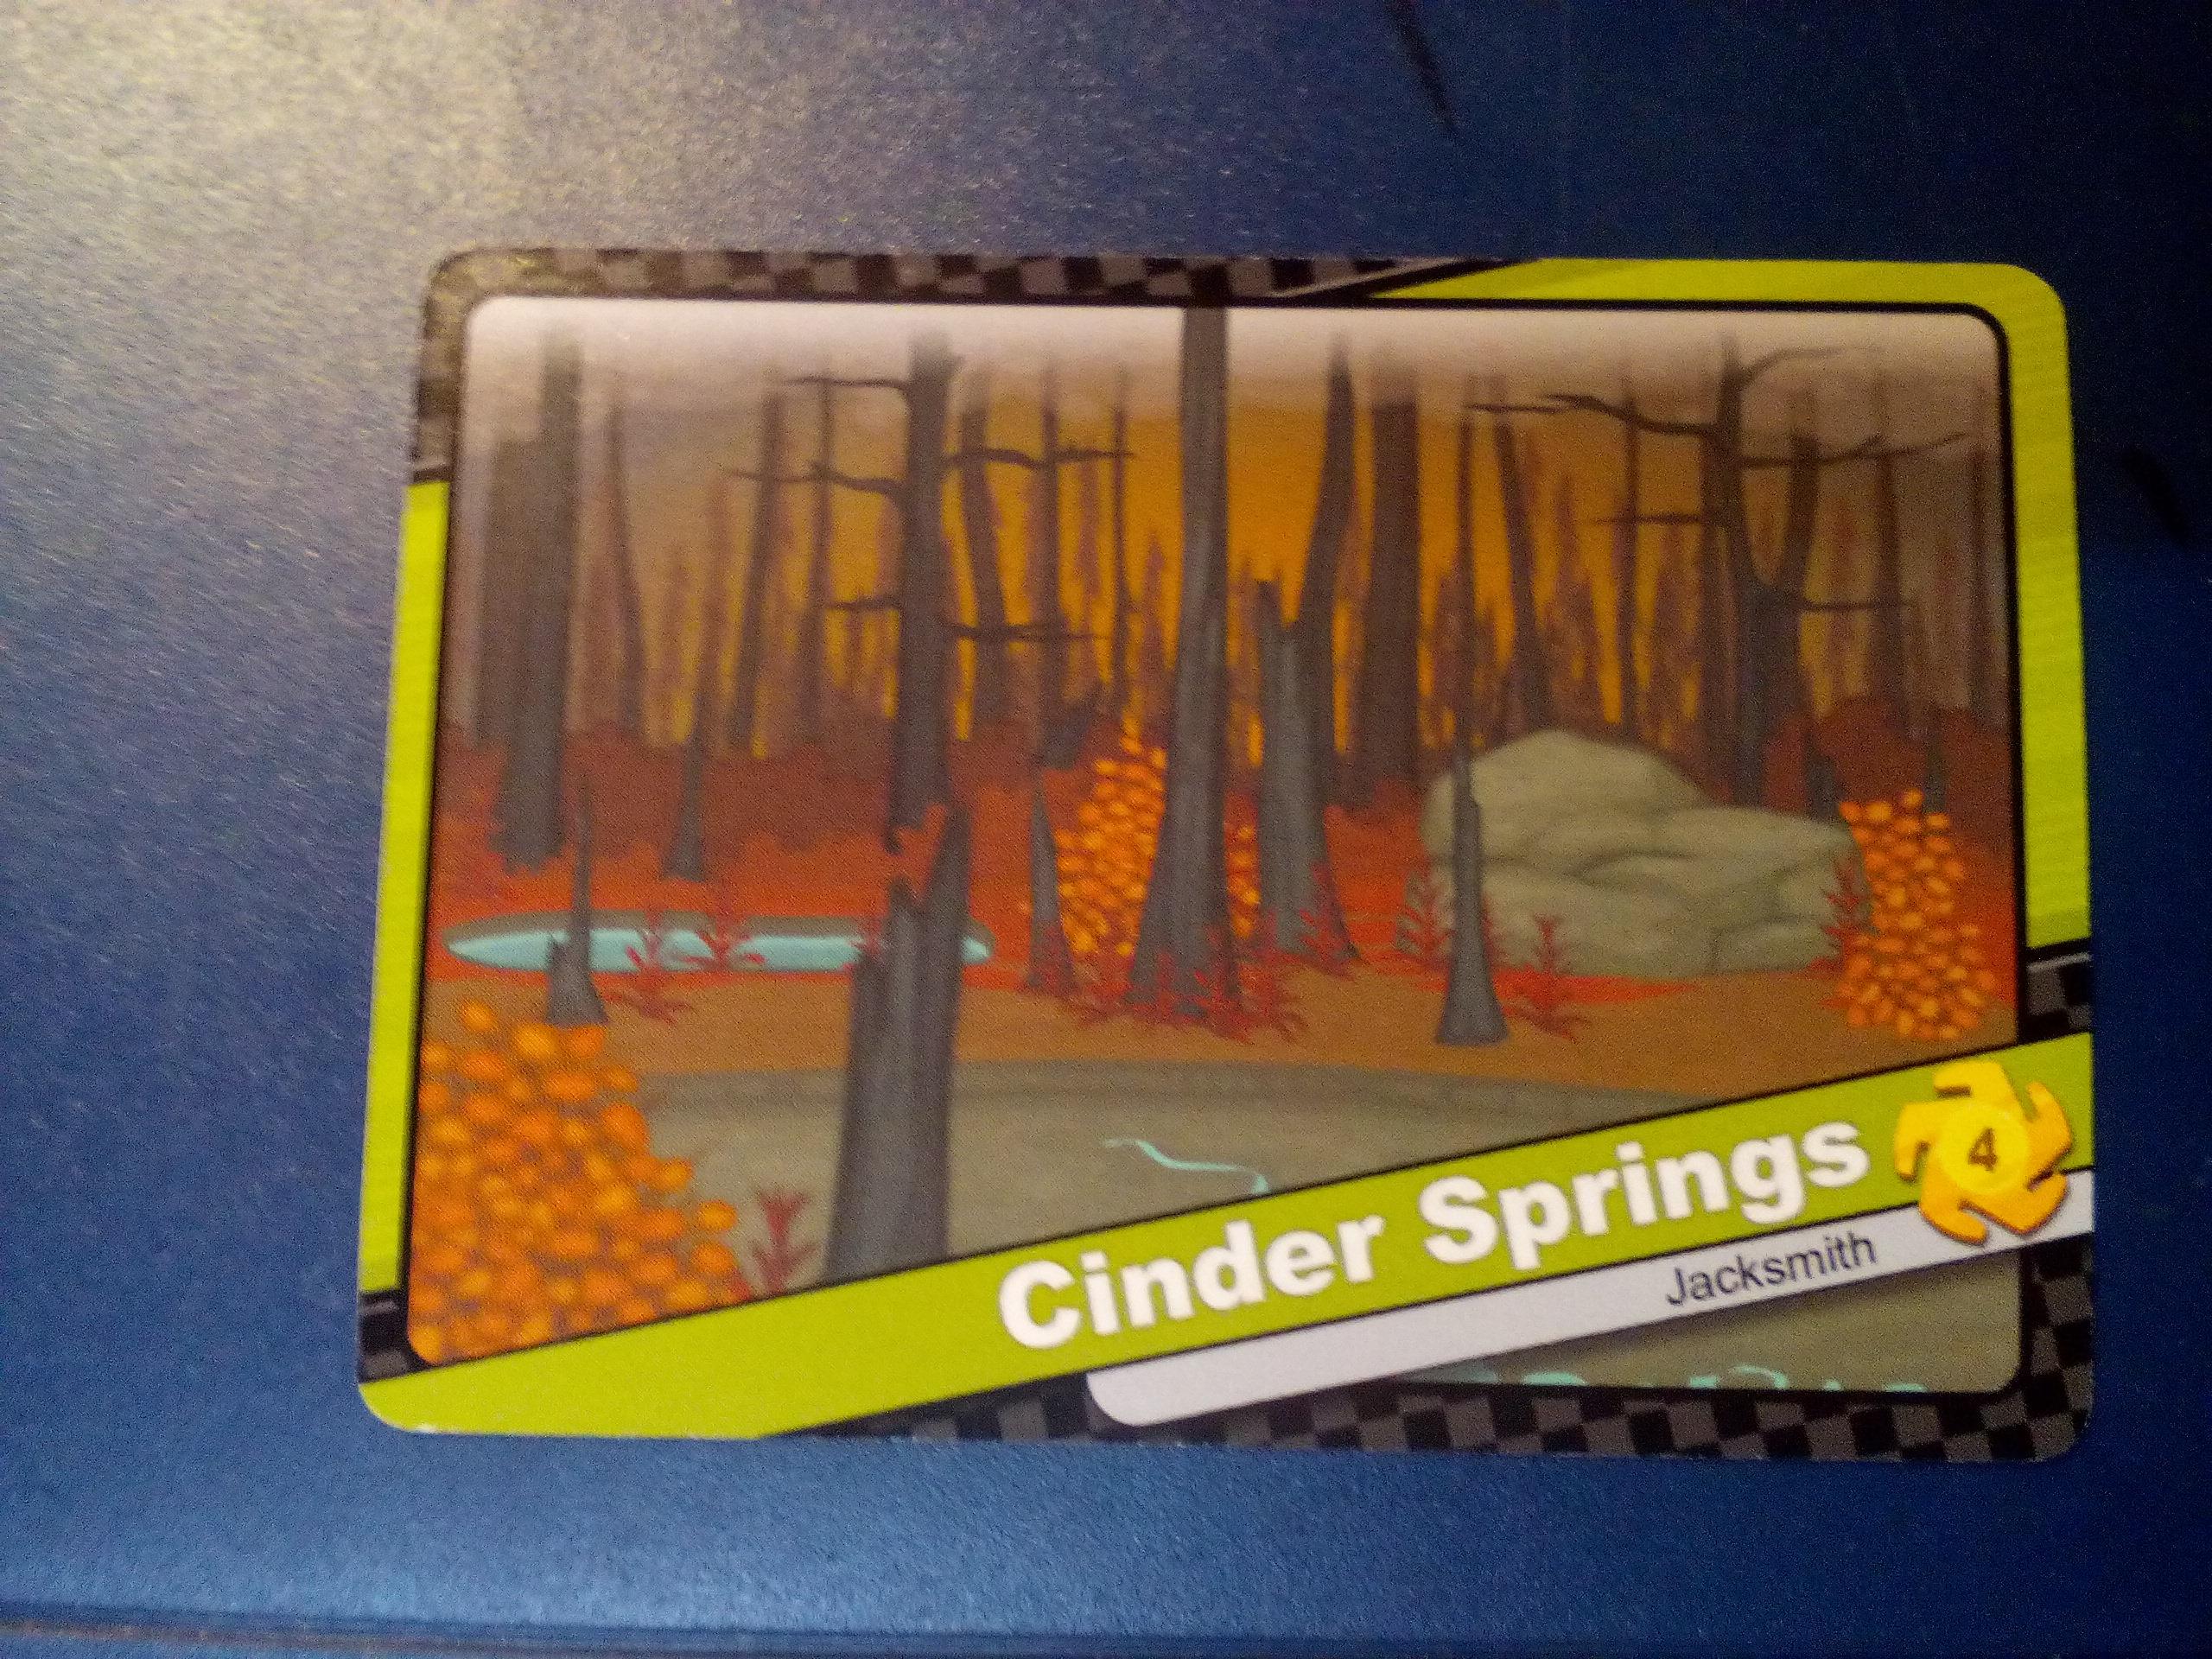 Cinder Springs